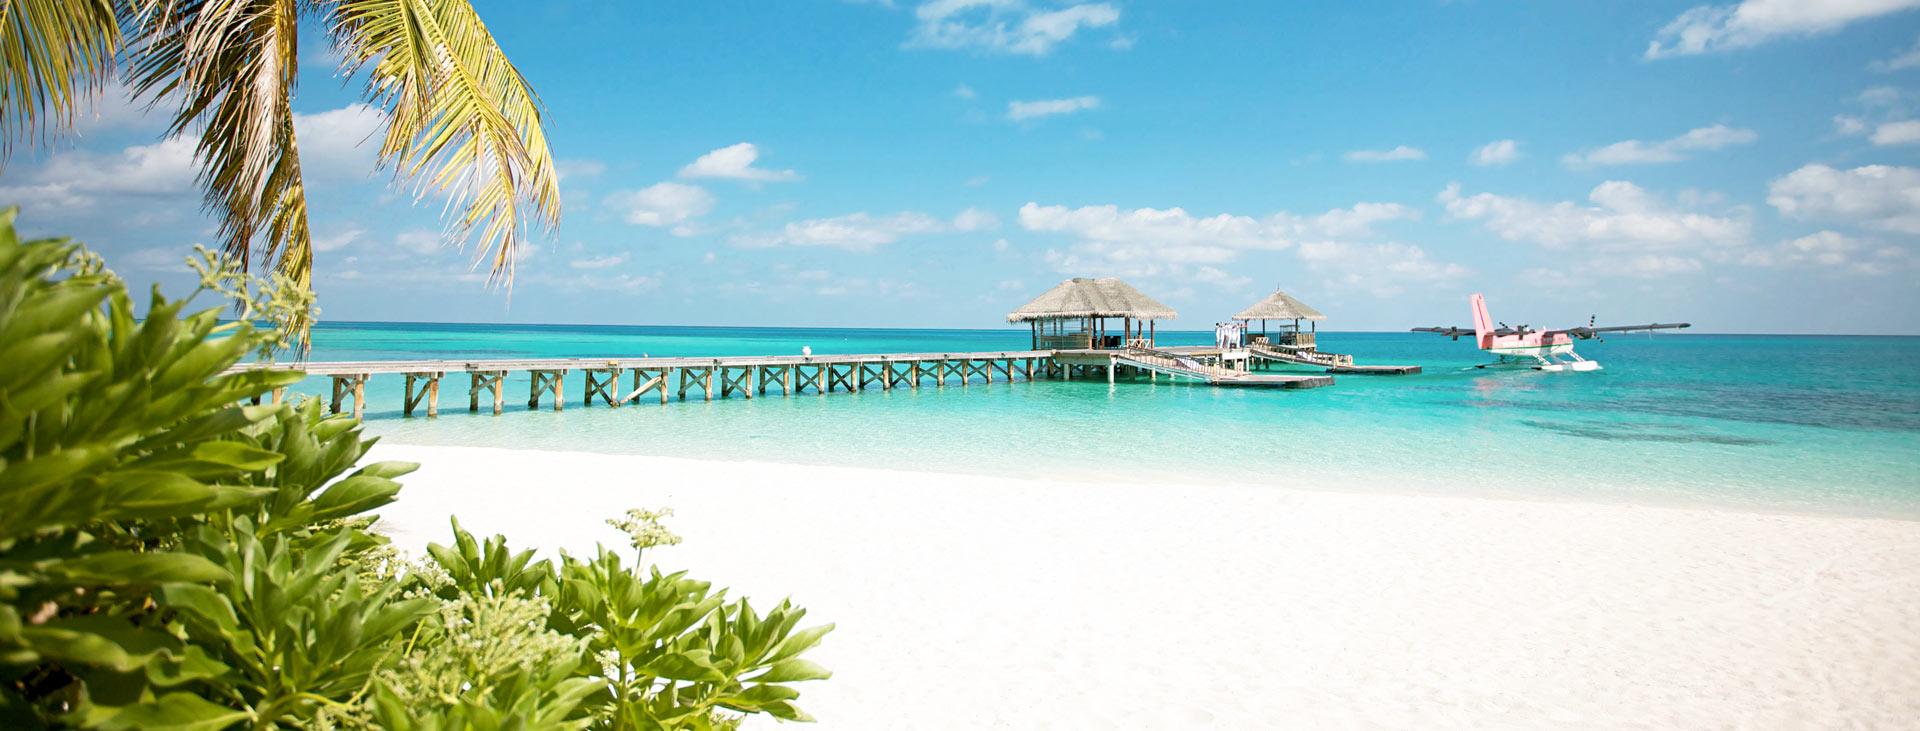 Lux* South Ari Atoll Resort & Villas, Malediivit, Malediivit